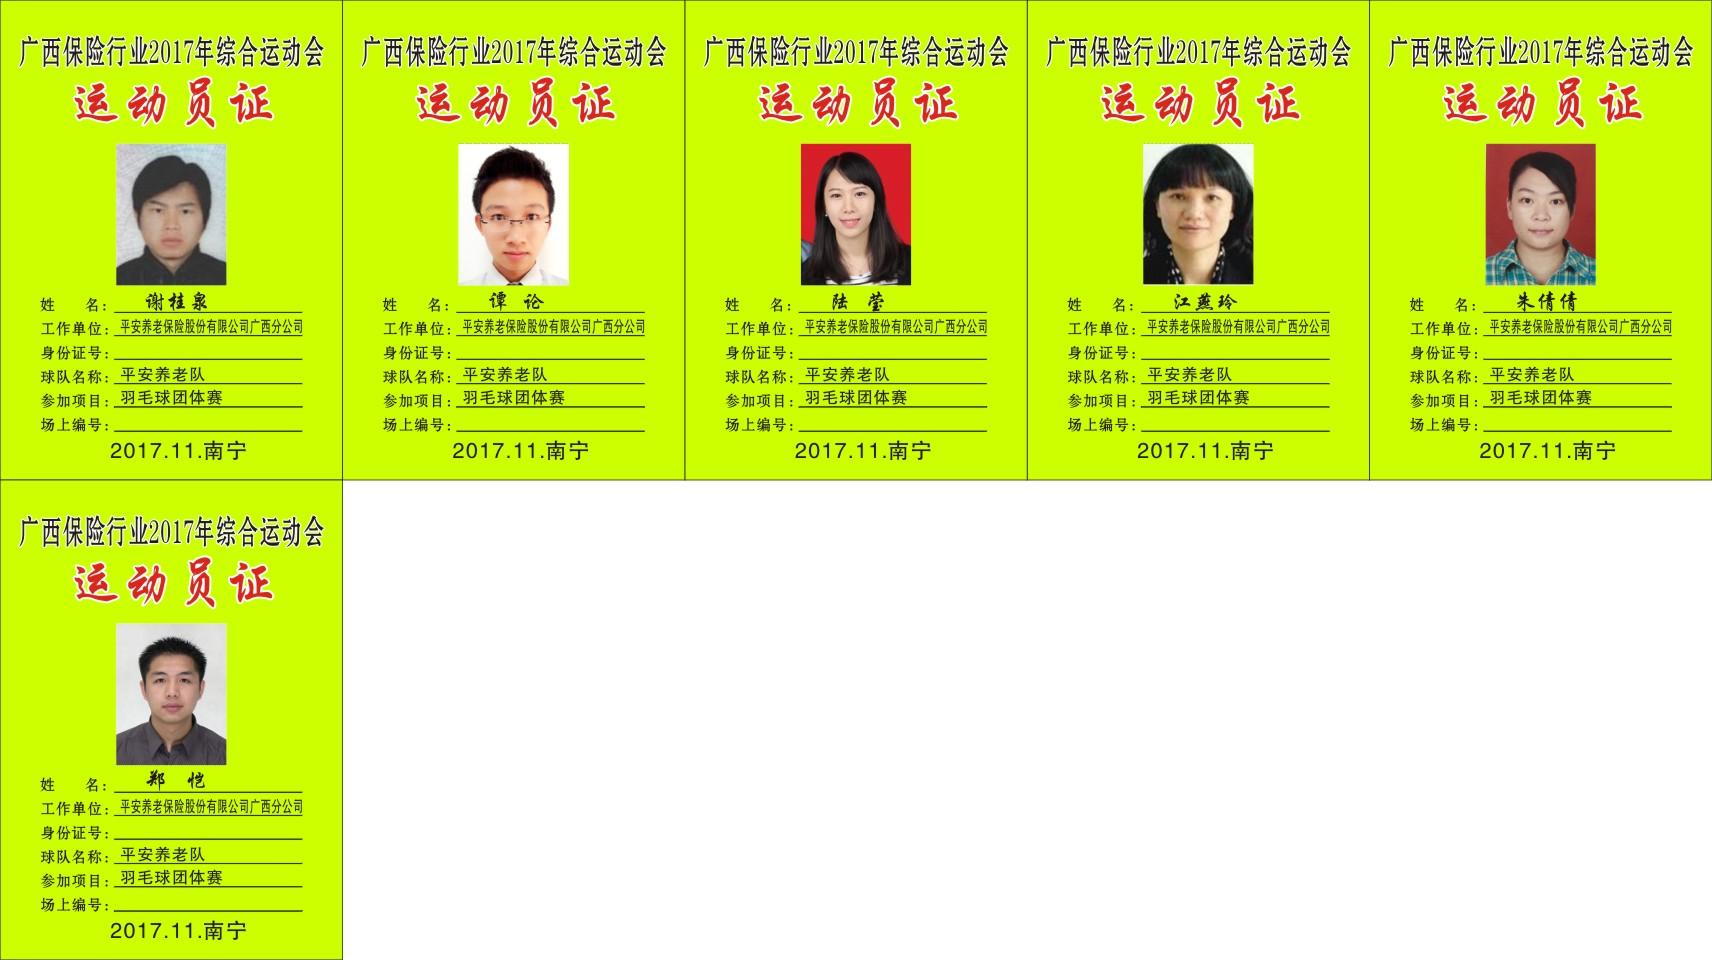 4平安养老保险股份有限公司广西分公司.jpg